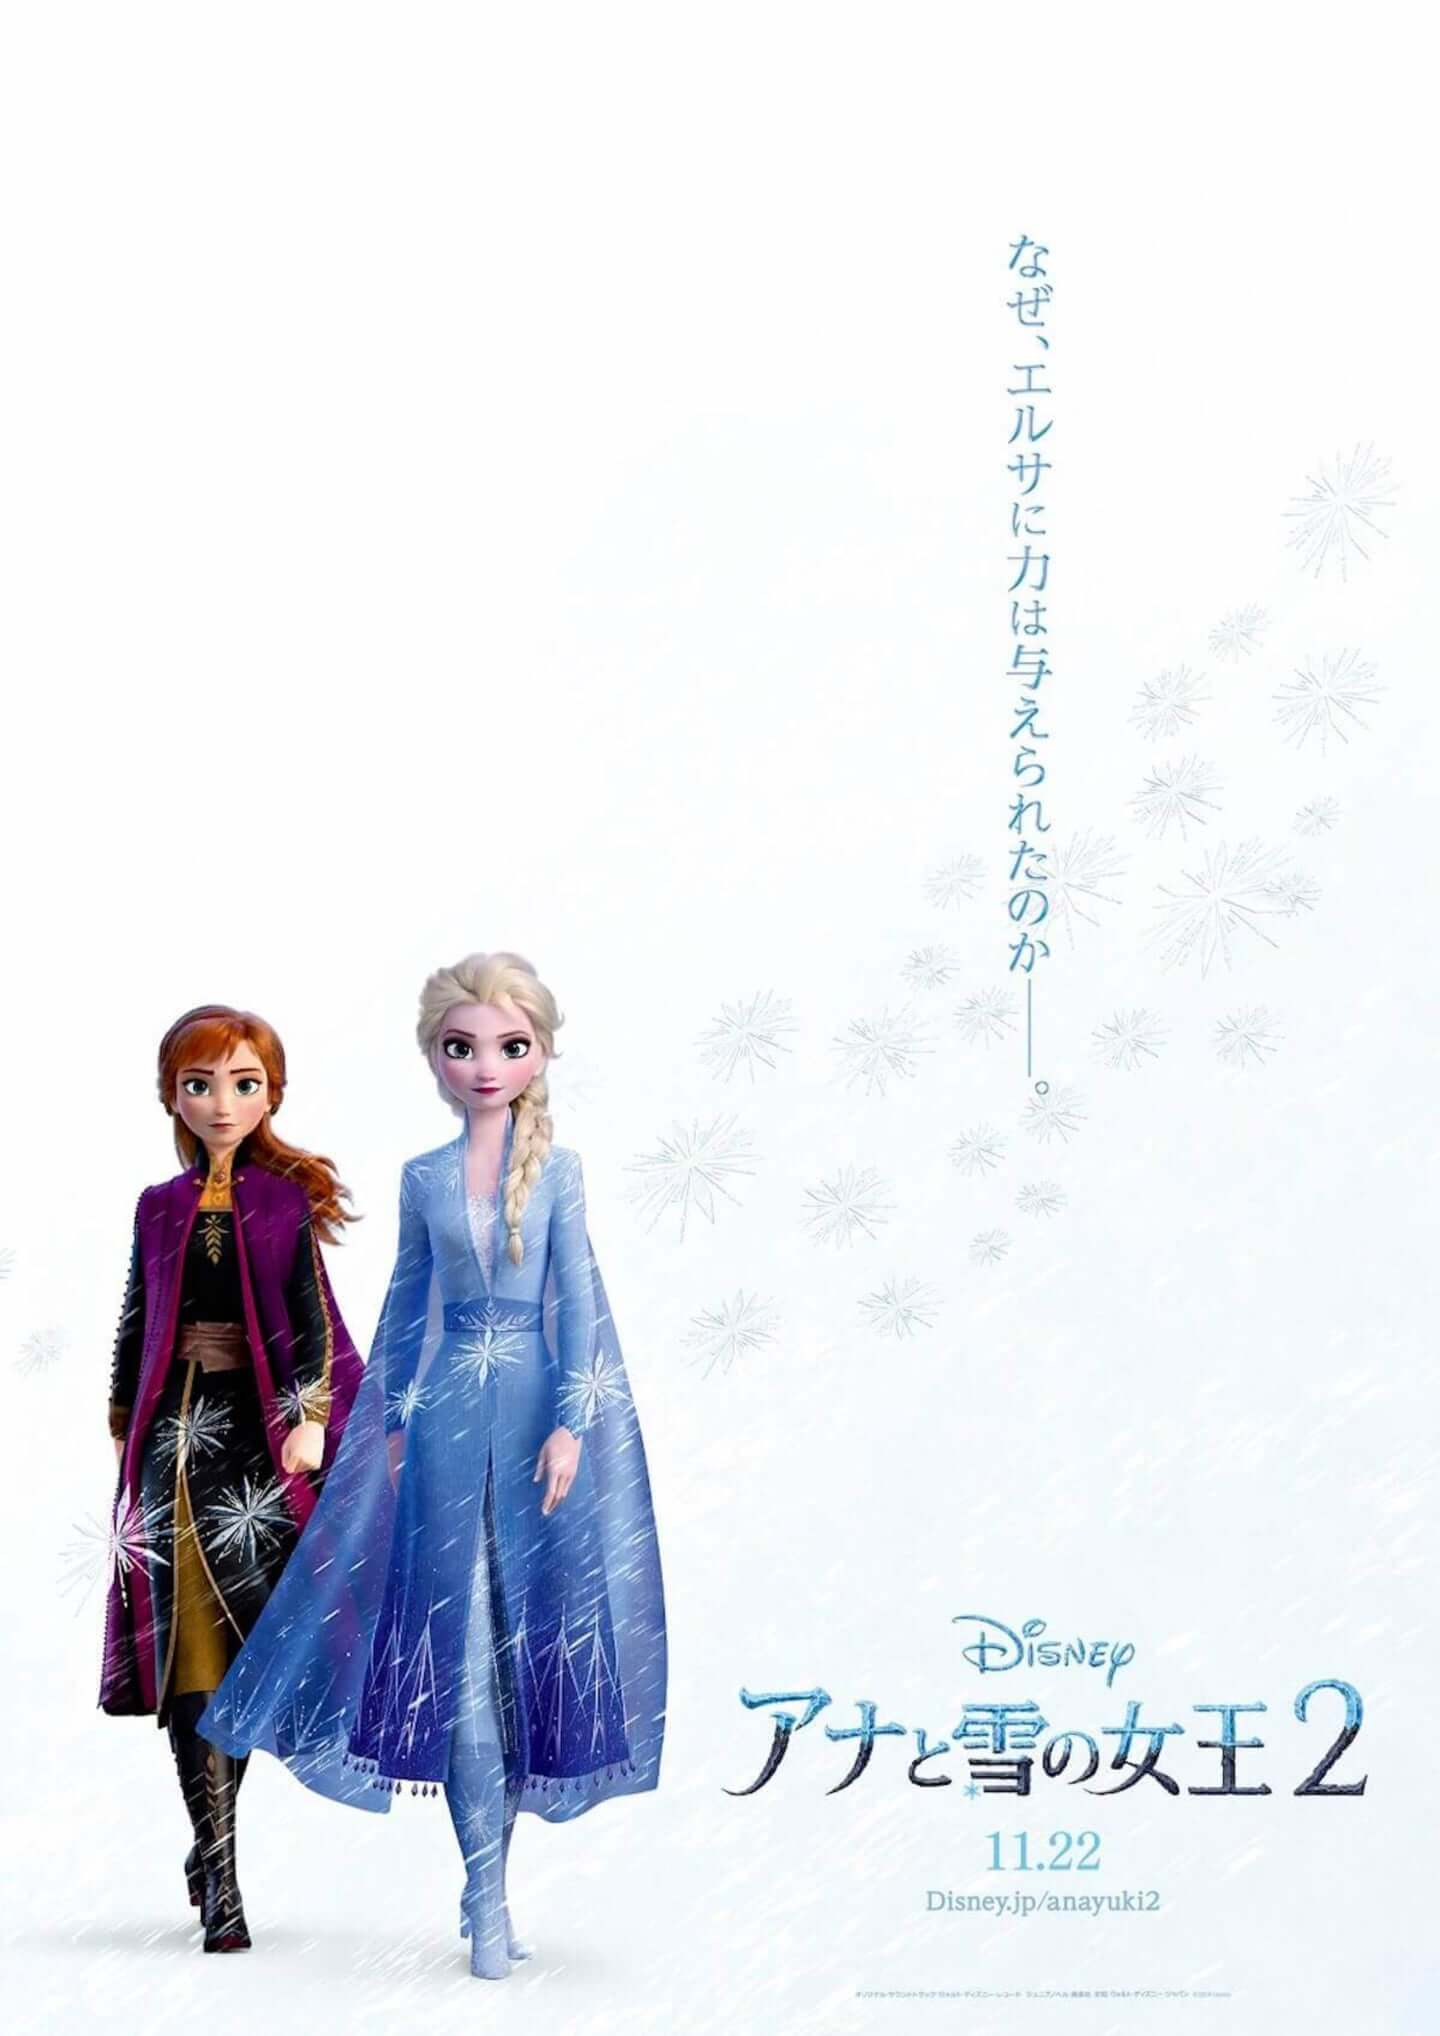 """エルサの魔法で日本中が凍る!?『アナと雪の女王2』公開直前、エルサが日本中を凍らせる""""スペシャル企画スタート film190604frozen2_info-1440x2036"""